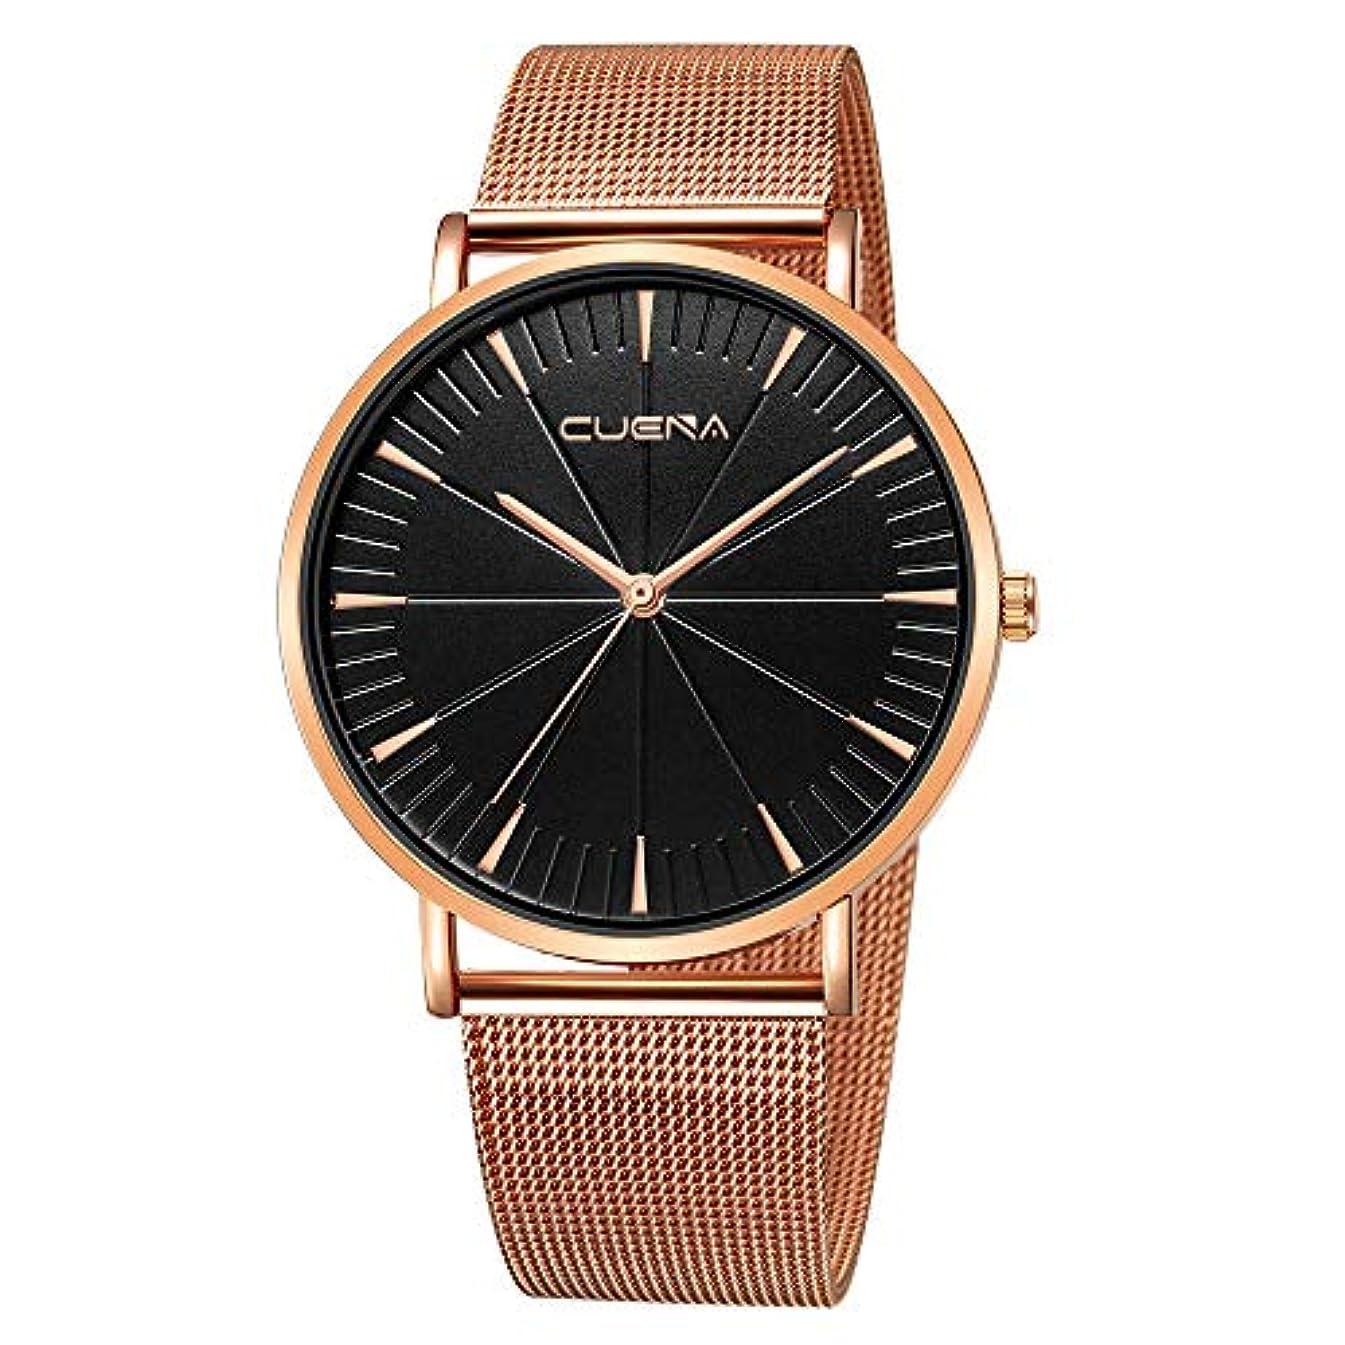 通りほんの写真を描くRencaifeinimo2019年最新 紳士用 超薄型 男女兼用 多機能 腕時計 人気 平日 ファッション メンズファッションミリタリーステンレススチールアナログスポーツクォーツビジネス腕時計